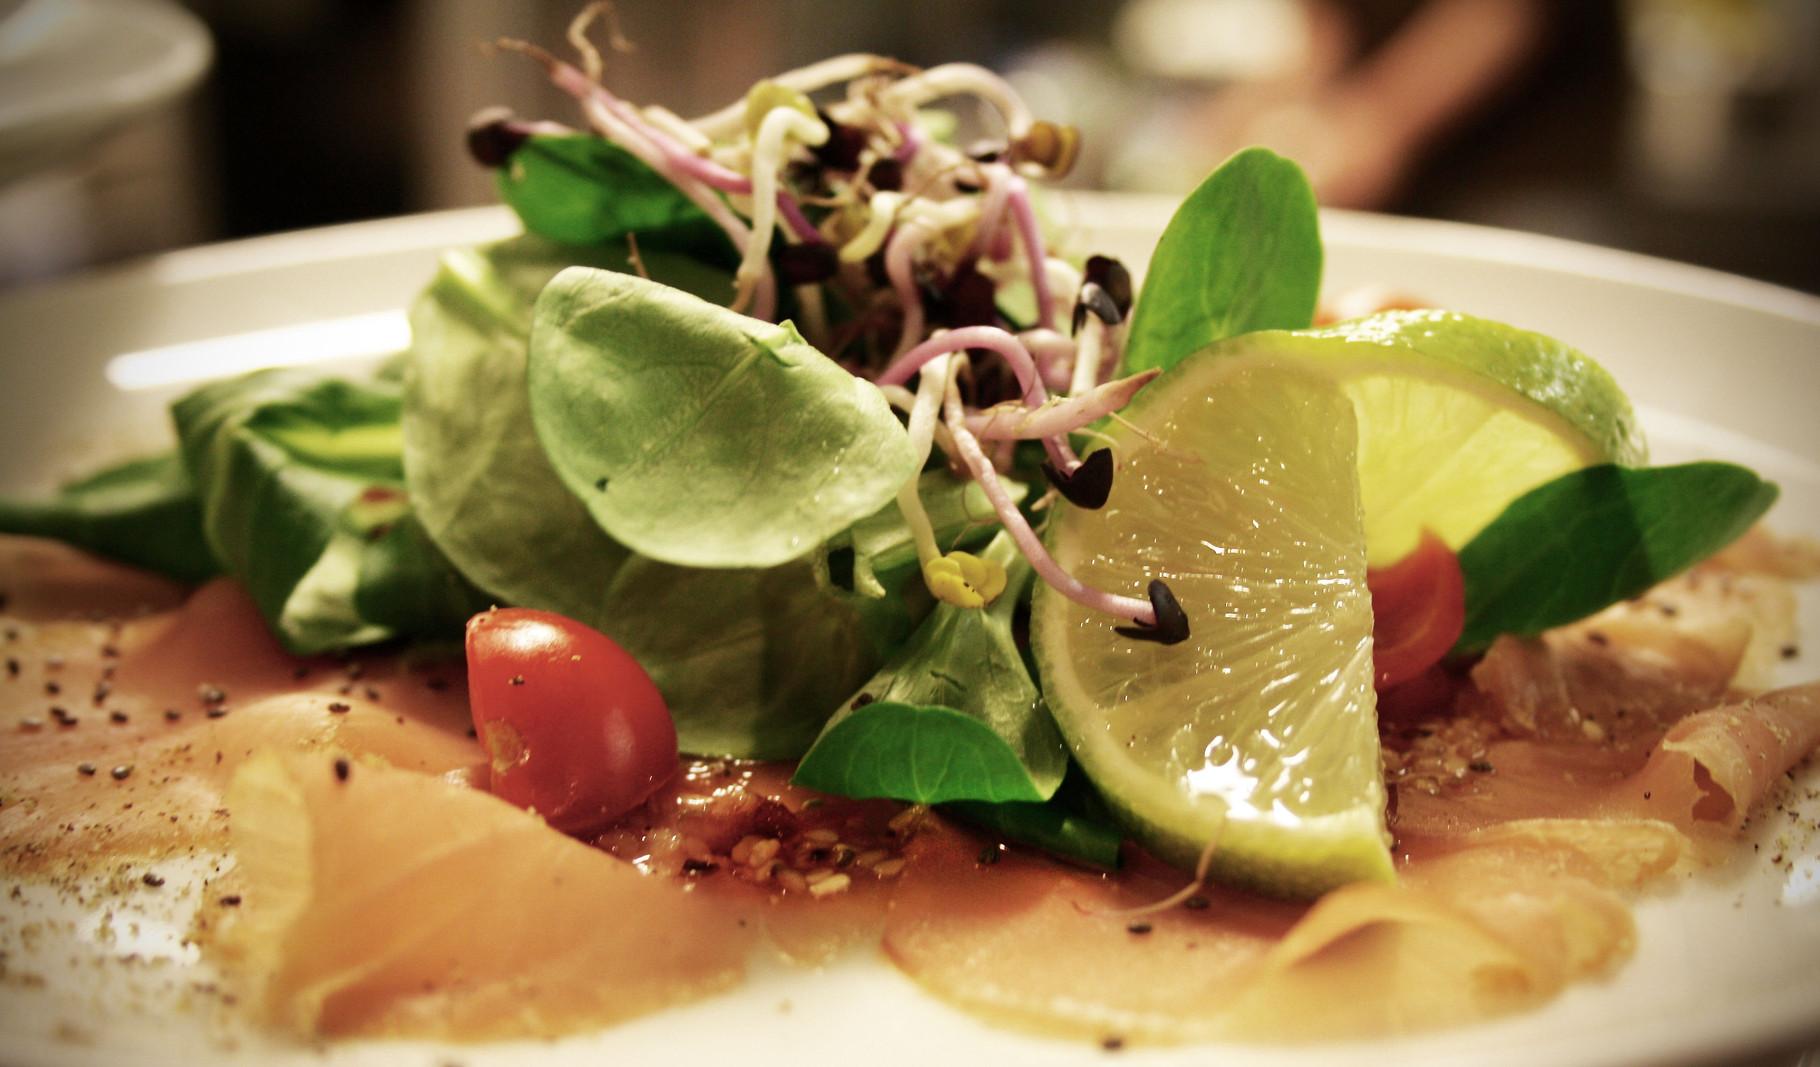 Carpaccio vom geräucherten Thunfisch mit Limetten-Sesam-Vinaigrette & Chia-Samen